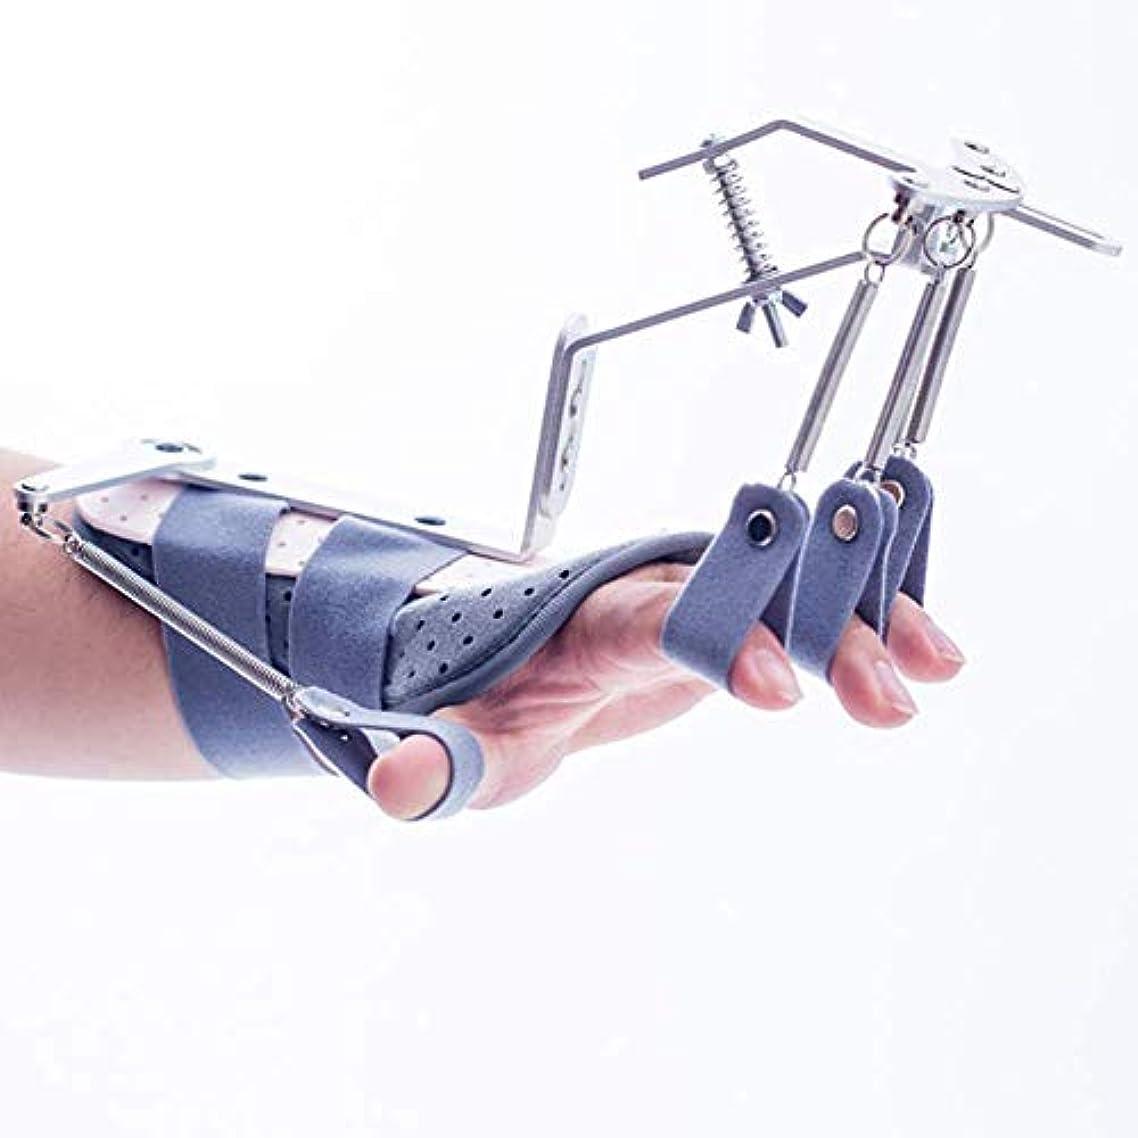 揮発性修復患者指の損傷のサポート、指の副木サポート、手首、手首の親指装具サポート、リハビリテーショントレーニング